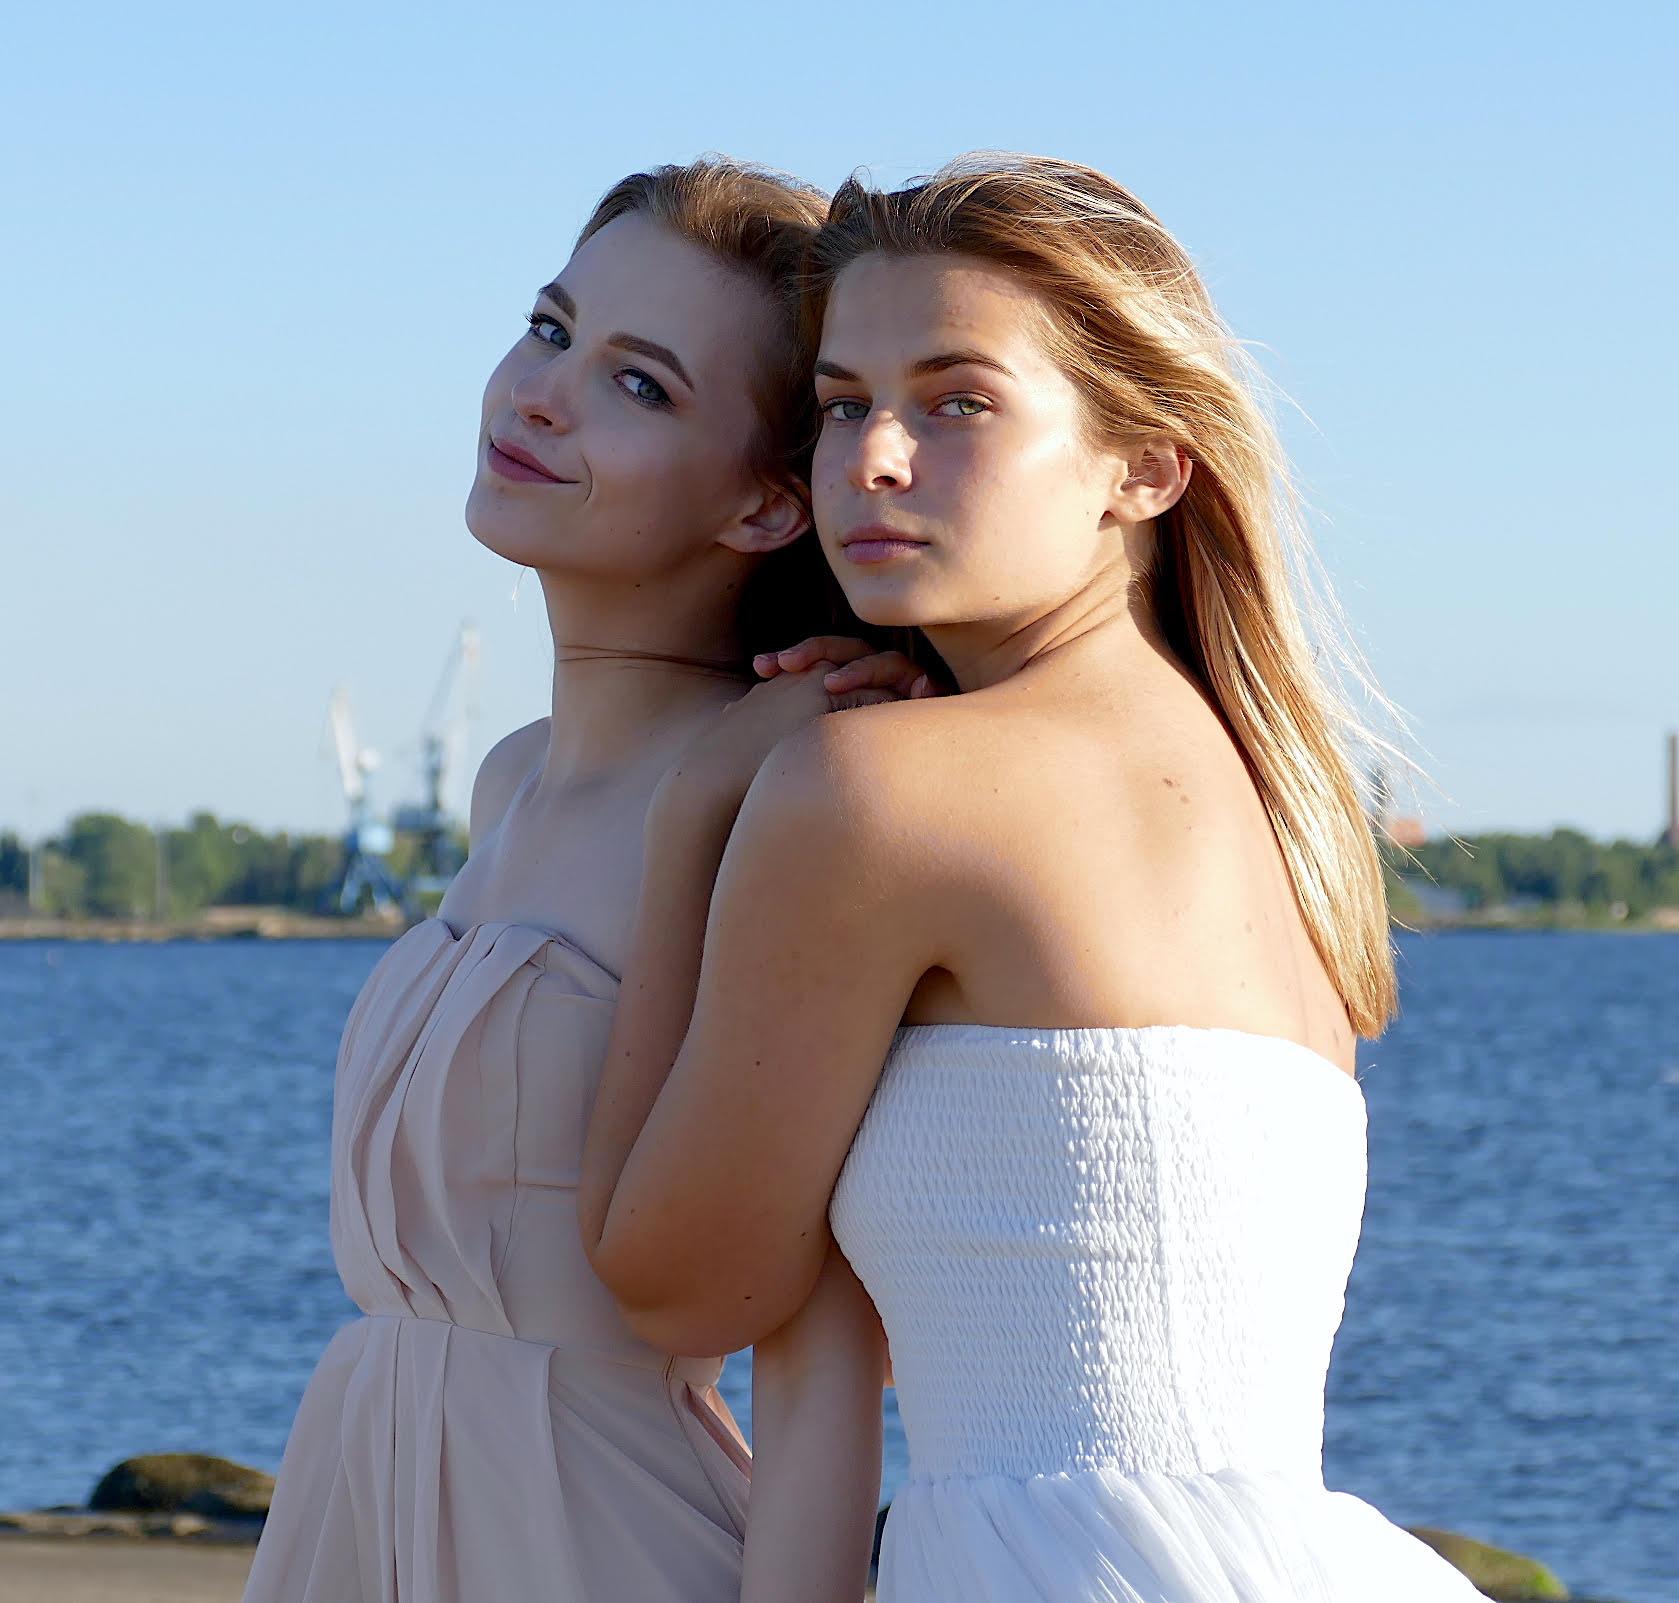 Vasaras estētikas skola Rīgā 12-16 gadus vecām meitenēm